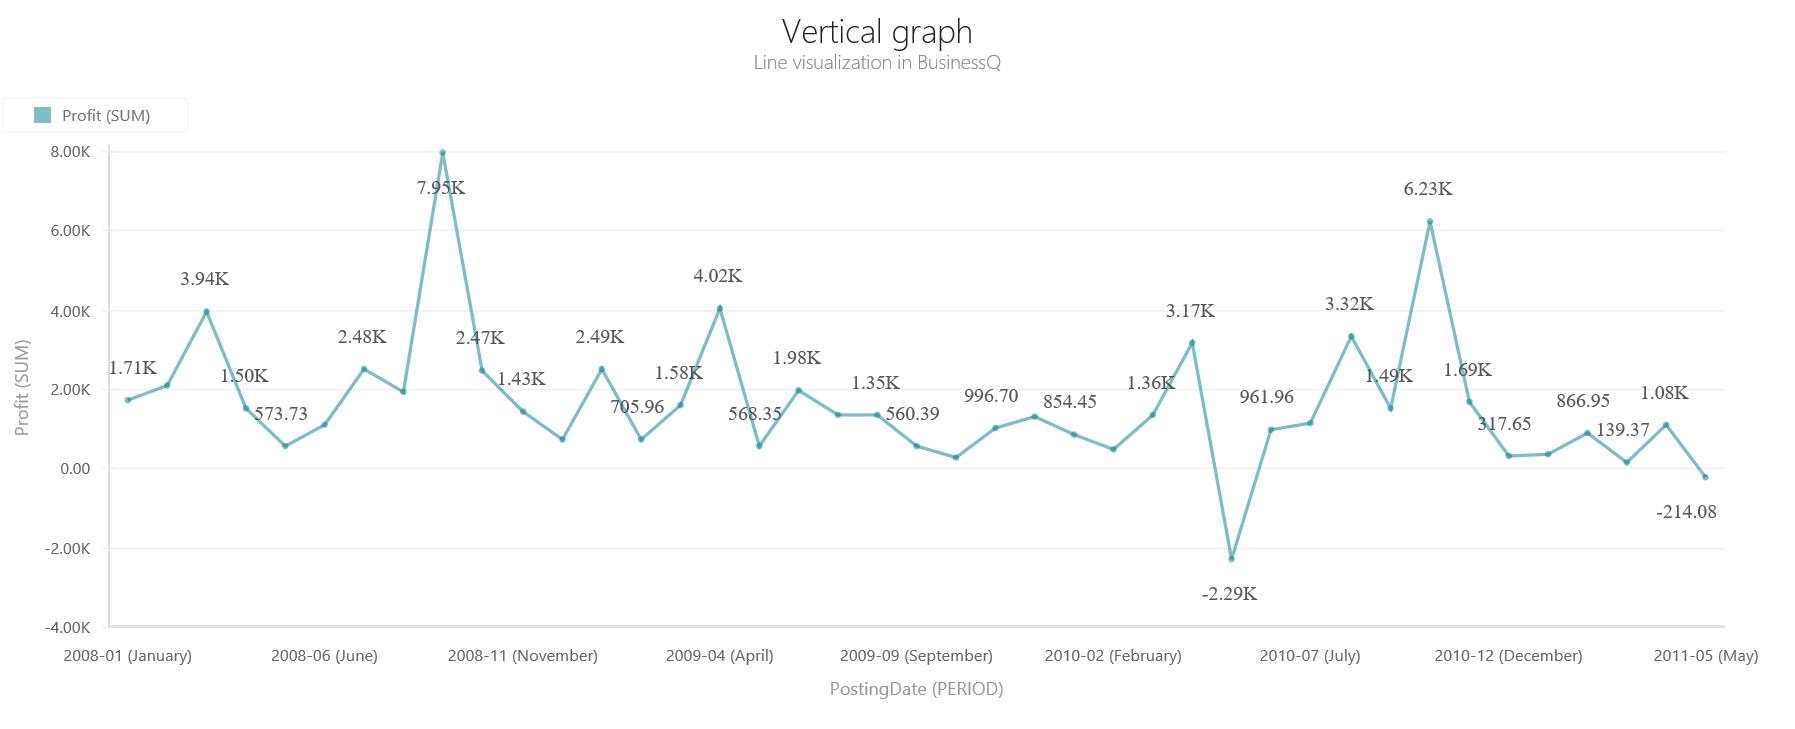 BQ_Vertical_graph_1_Vertical_Point